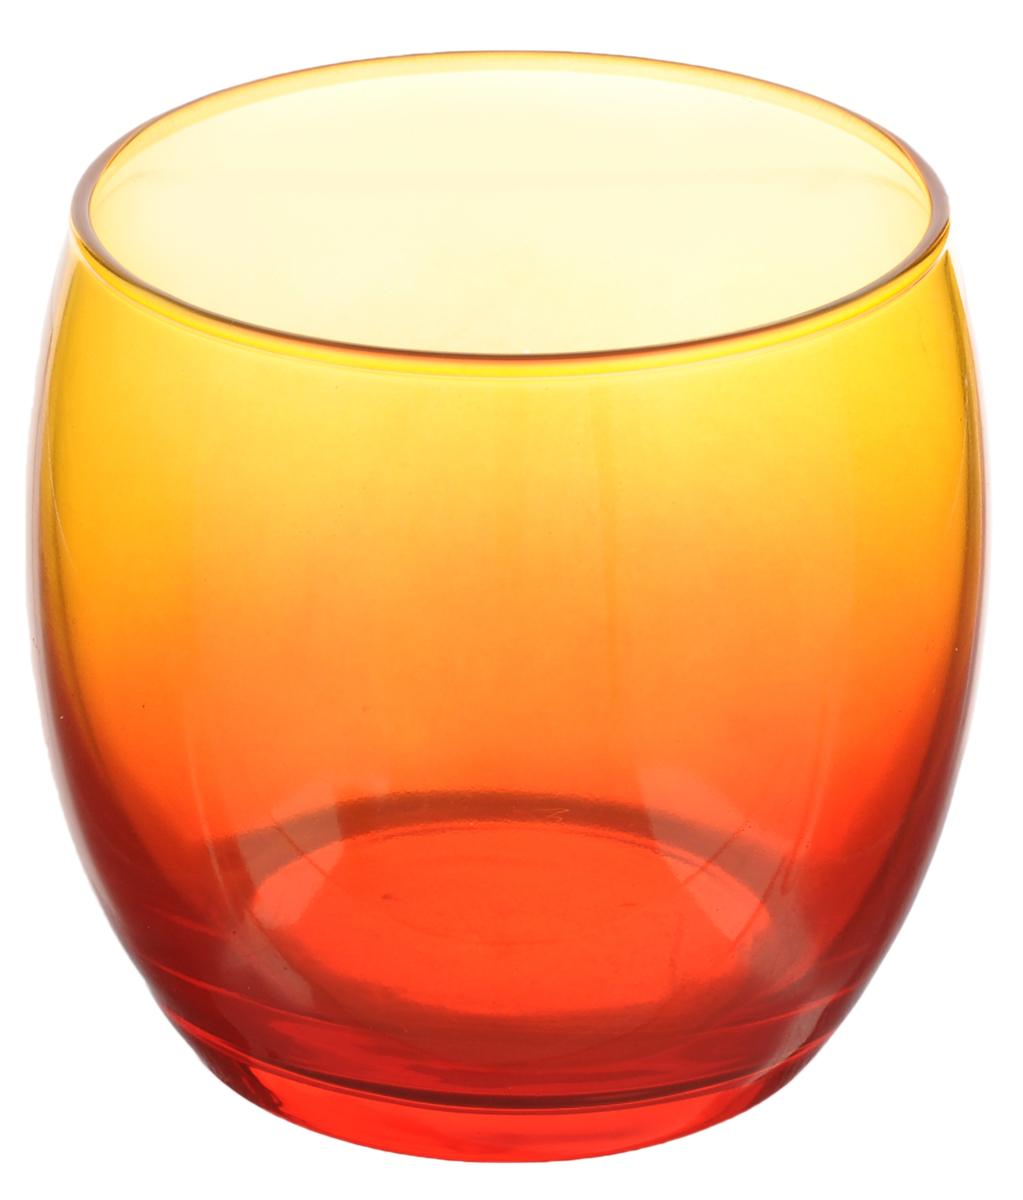 Стакан Luminarc Duos Red Orange, 340 млH8359Стакан Luminarc Duos Red Orange изготовлен из высококачественного стекла. Такой стакан прекрасно подойдет для горячих и холодных напитков. Он дополнит коллекцию вашей кухонной посуды и будет служить долгие годы. Диаметр стакана (по верхнему краю): 8 см. Высота: 8,5 см.